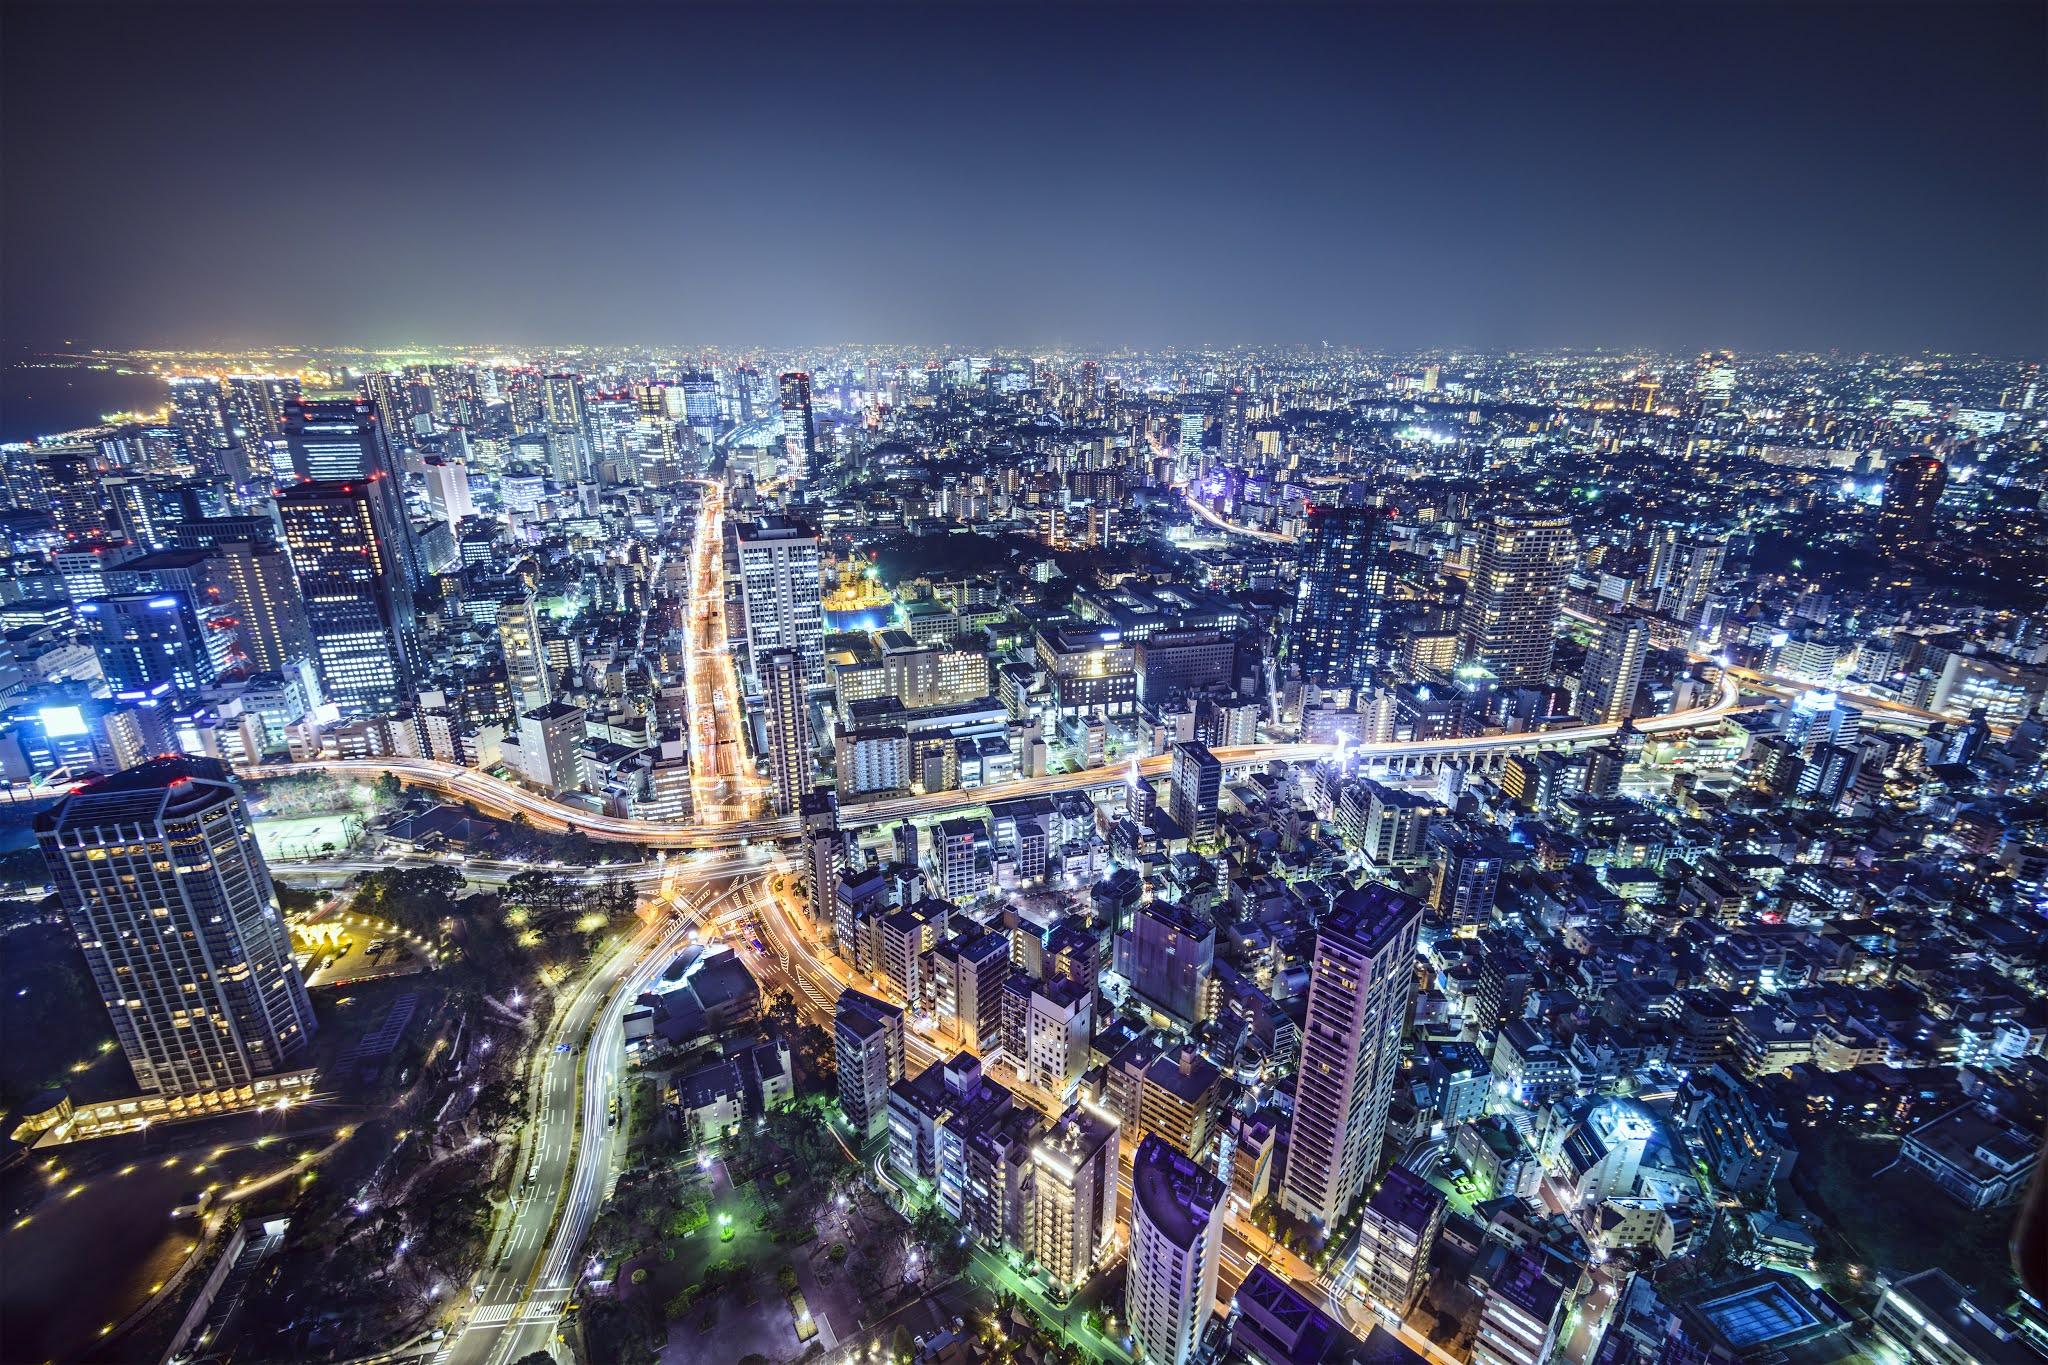 دبي تحتضن المقر الإقليمي لمكتب اليابان للترويج السياحي